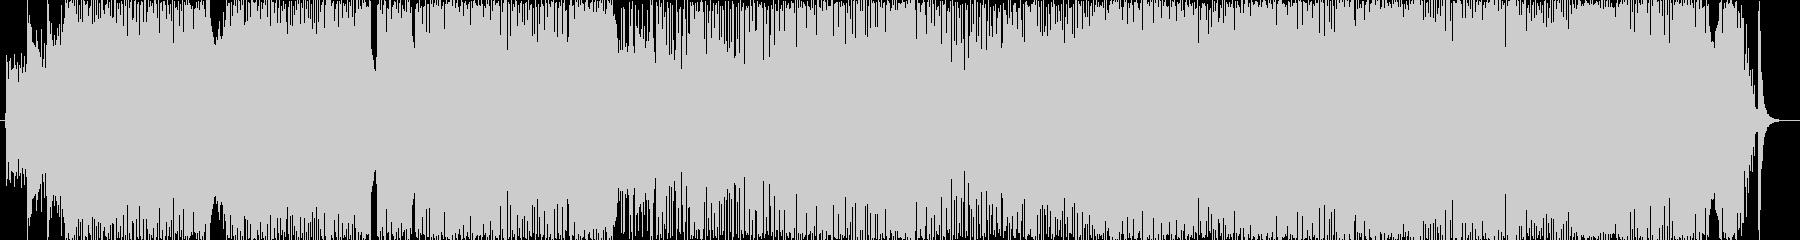 無調性なJAZZ-ROCKの未再生の波形